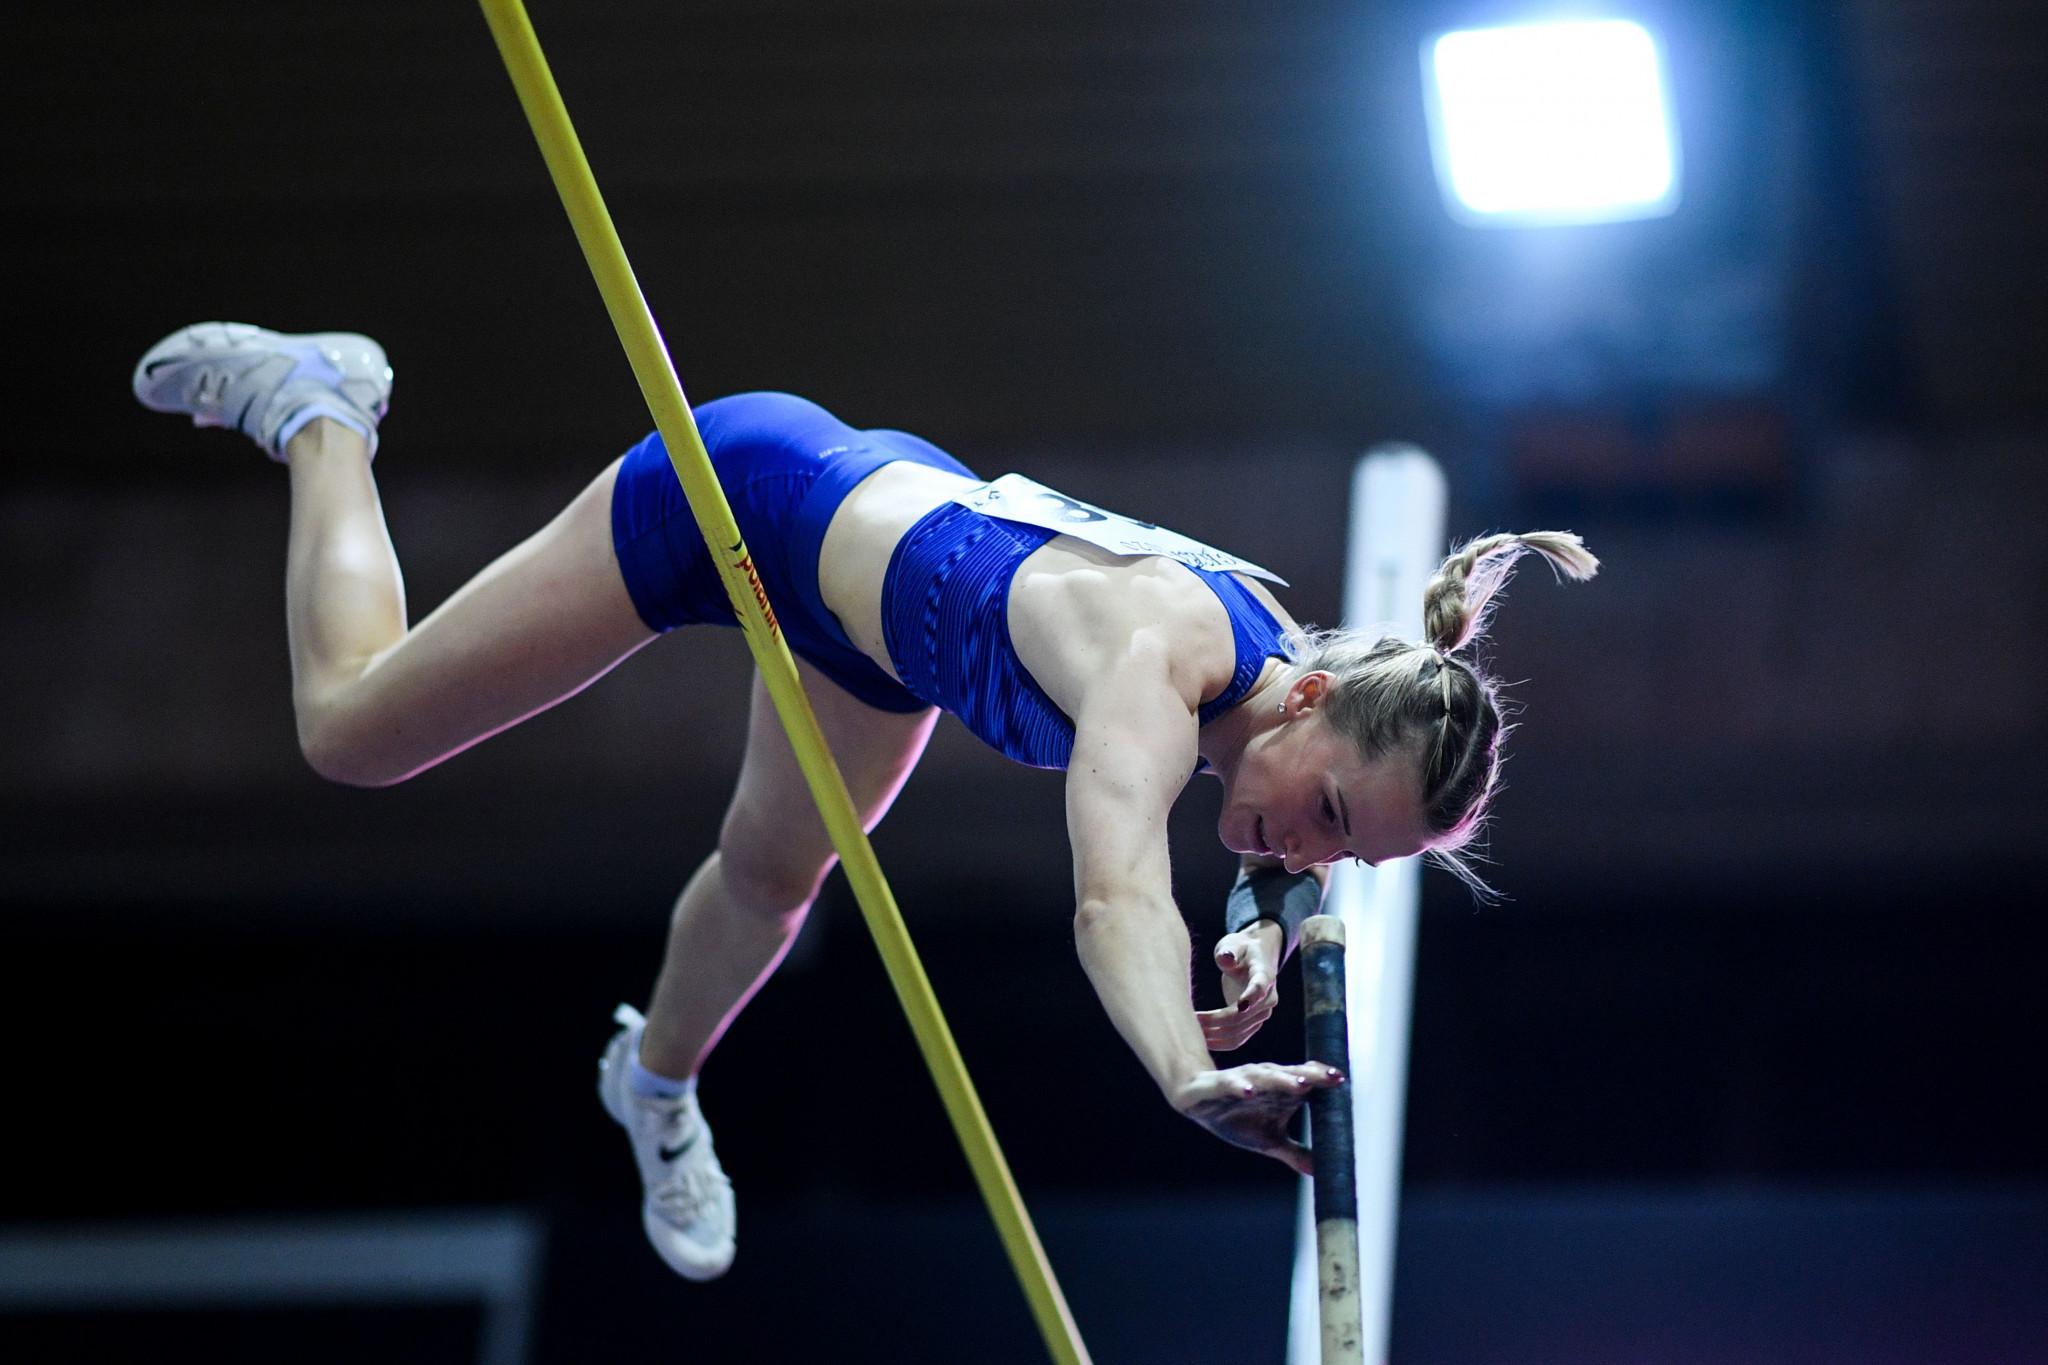 Анжелика Сидорова имеет статус ANA, поэтому она может соревноваться с командой ОКР на Олимпийских играх 2020 года в Токио © Getty Images